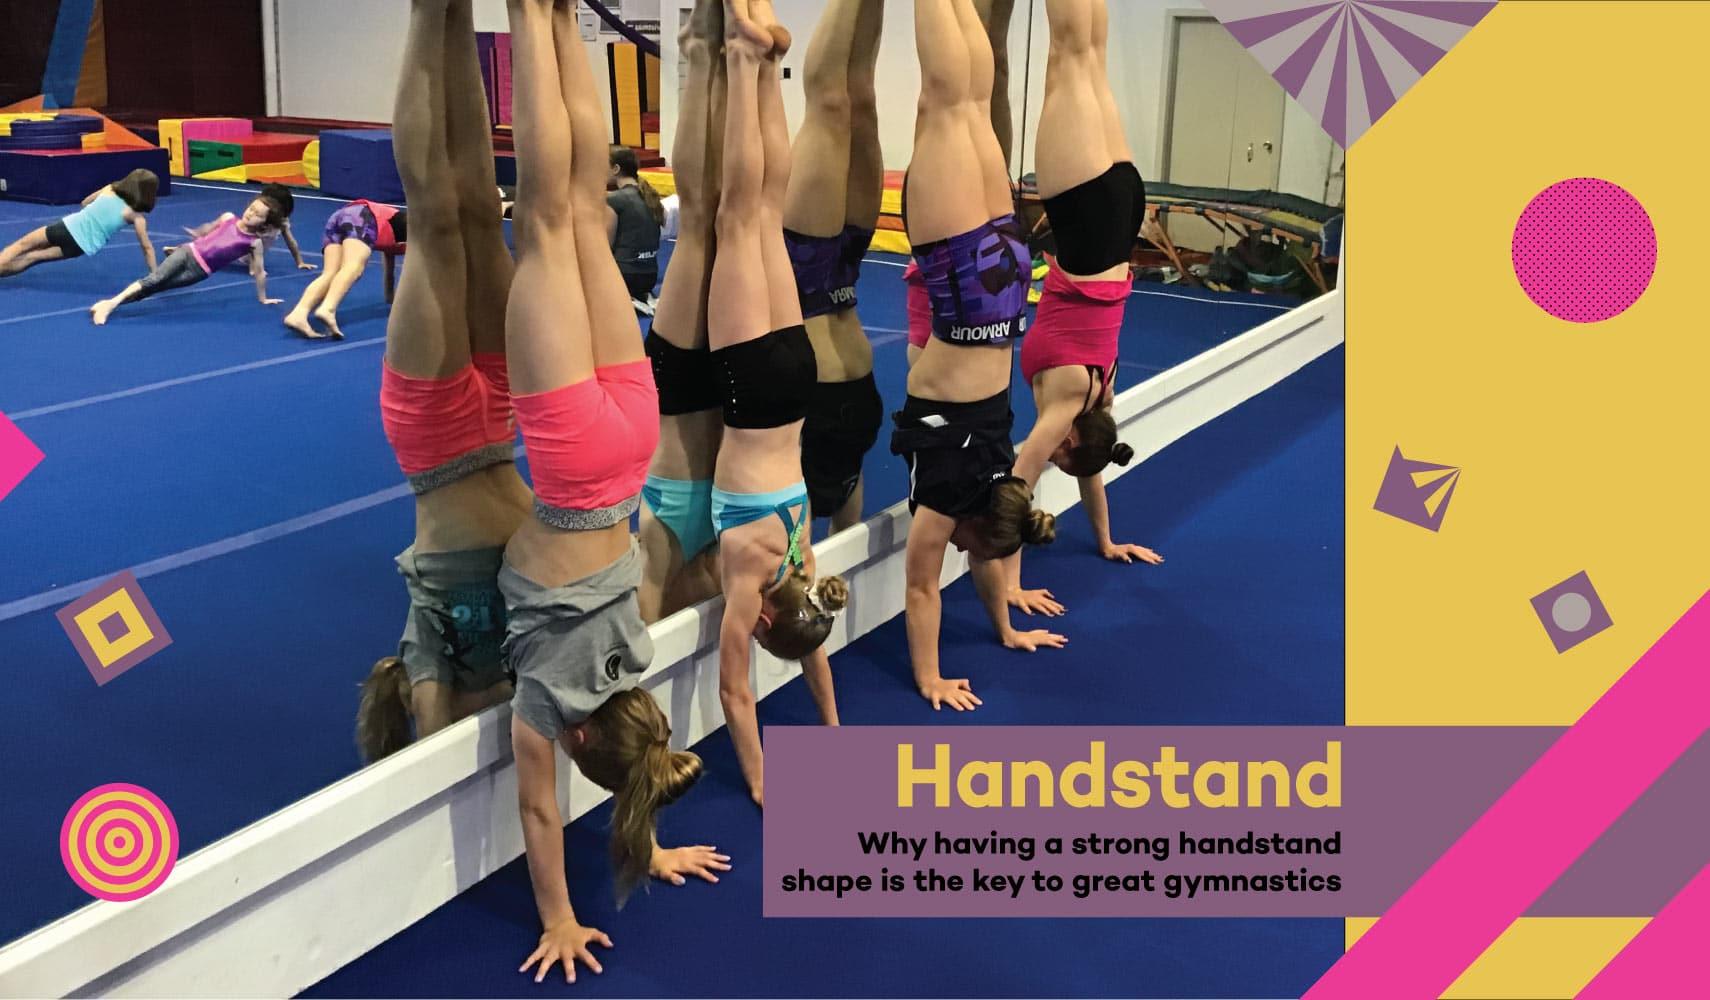 Header-image-gymnasts-holding-handstand.jpg